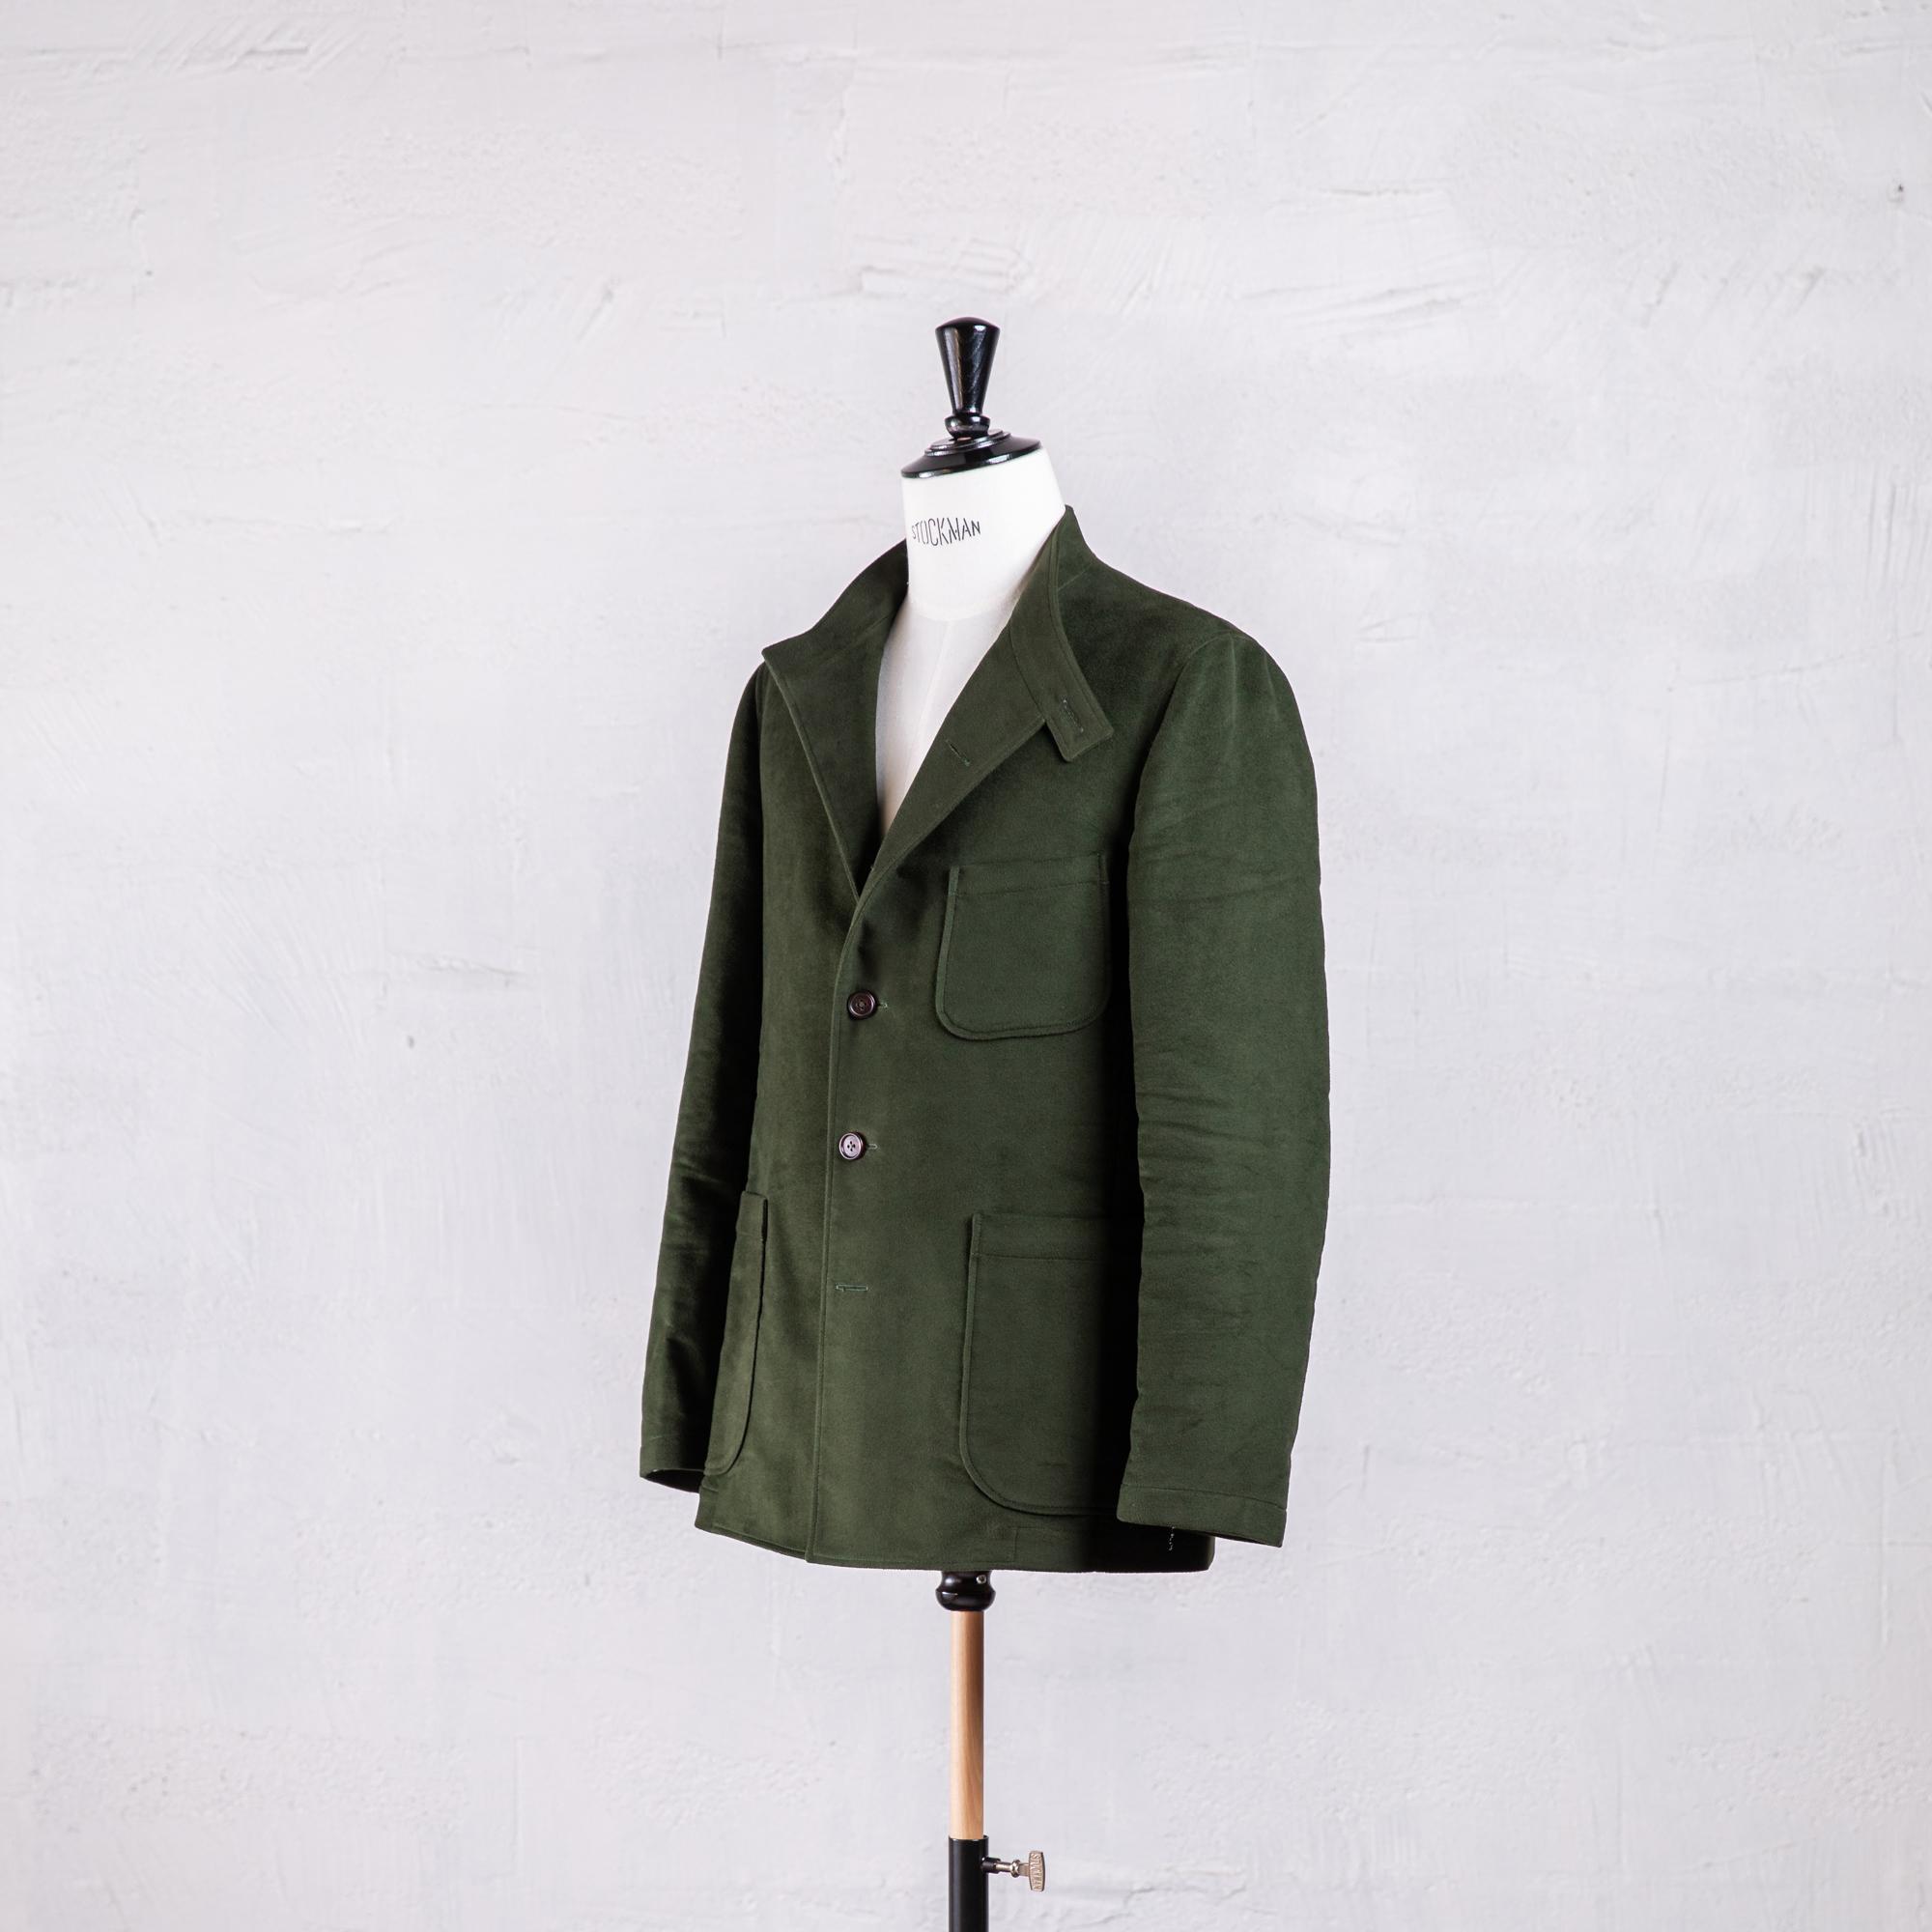 Veste droite pour homme en moleskine vert olive Caminel